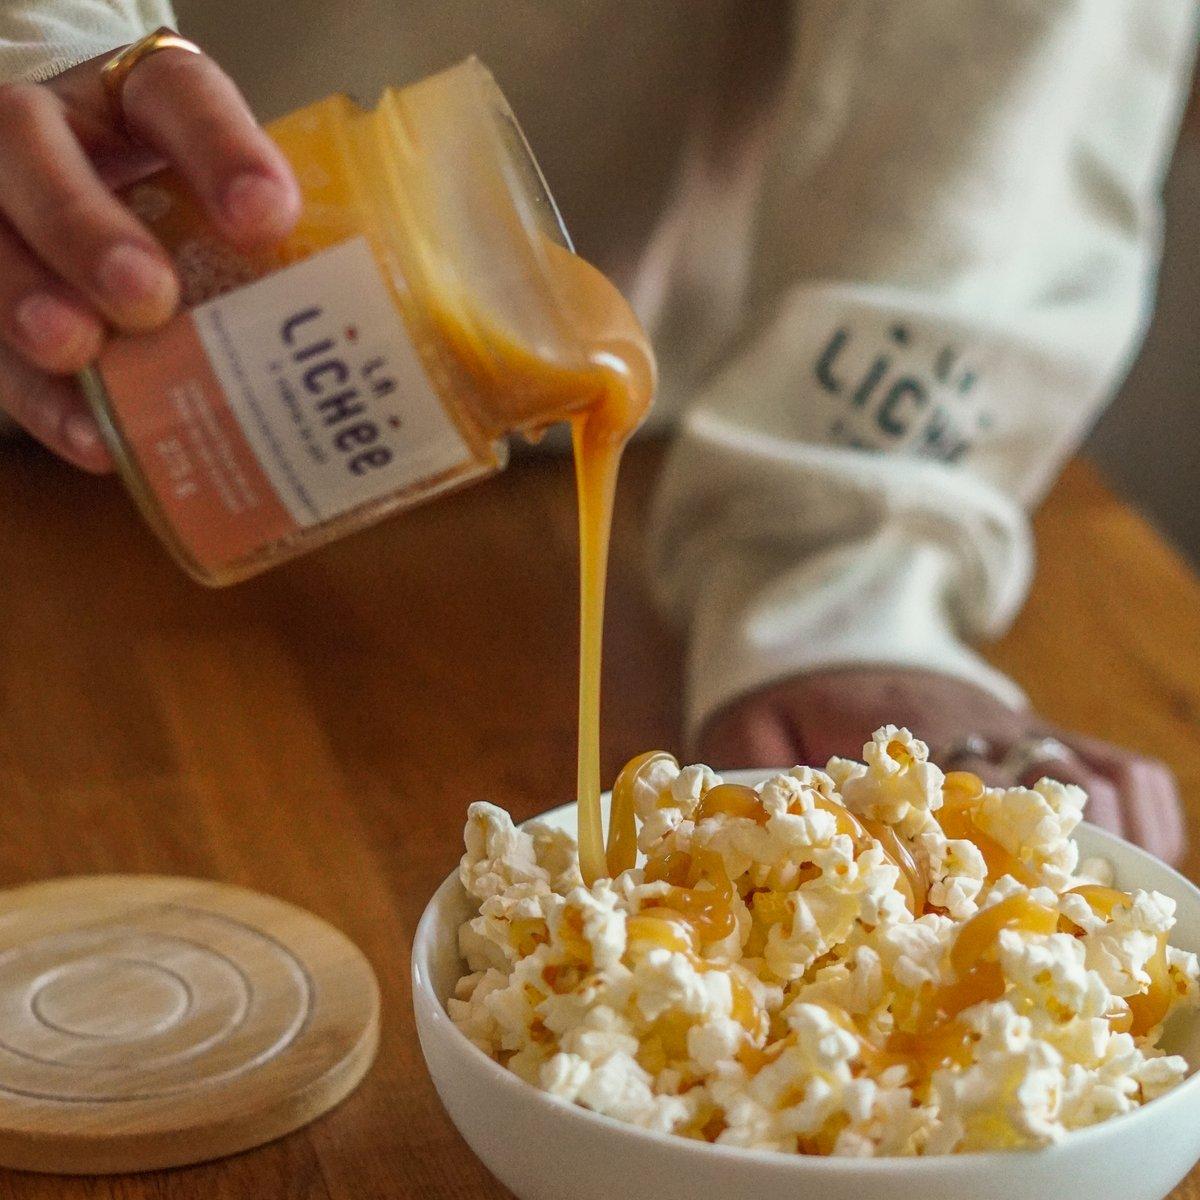 Cliquez ici pour acheter Caramel fleur de sel